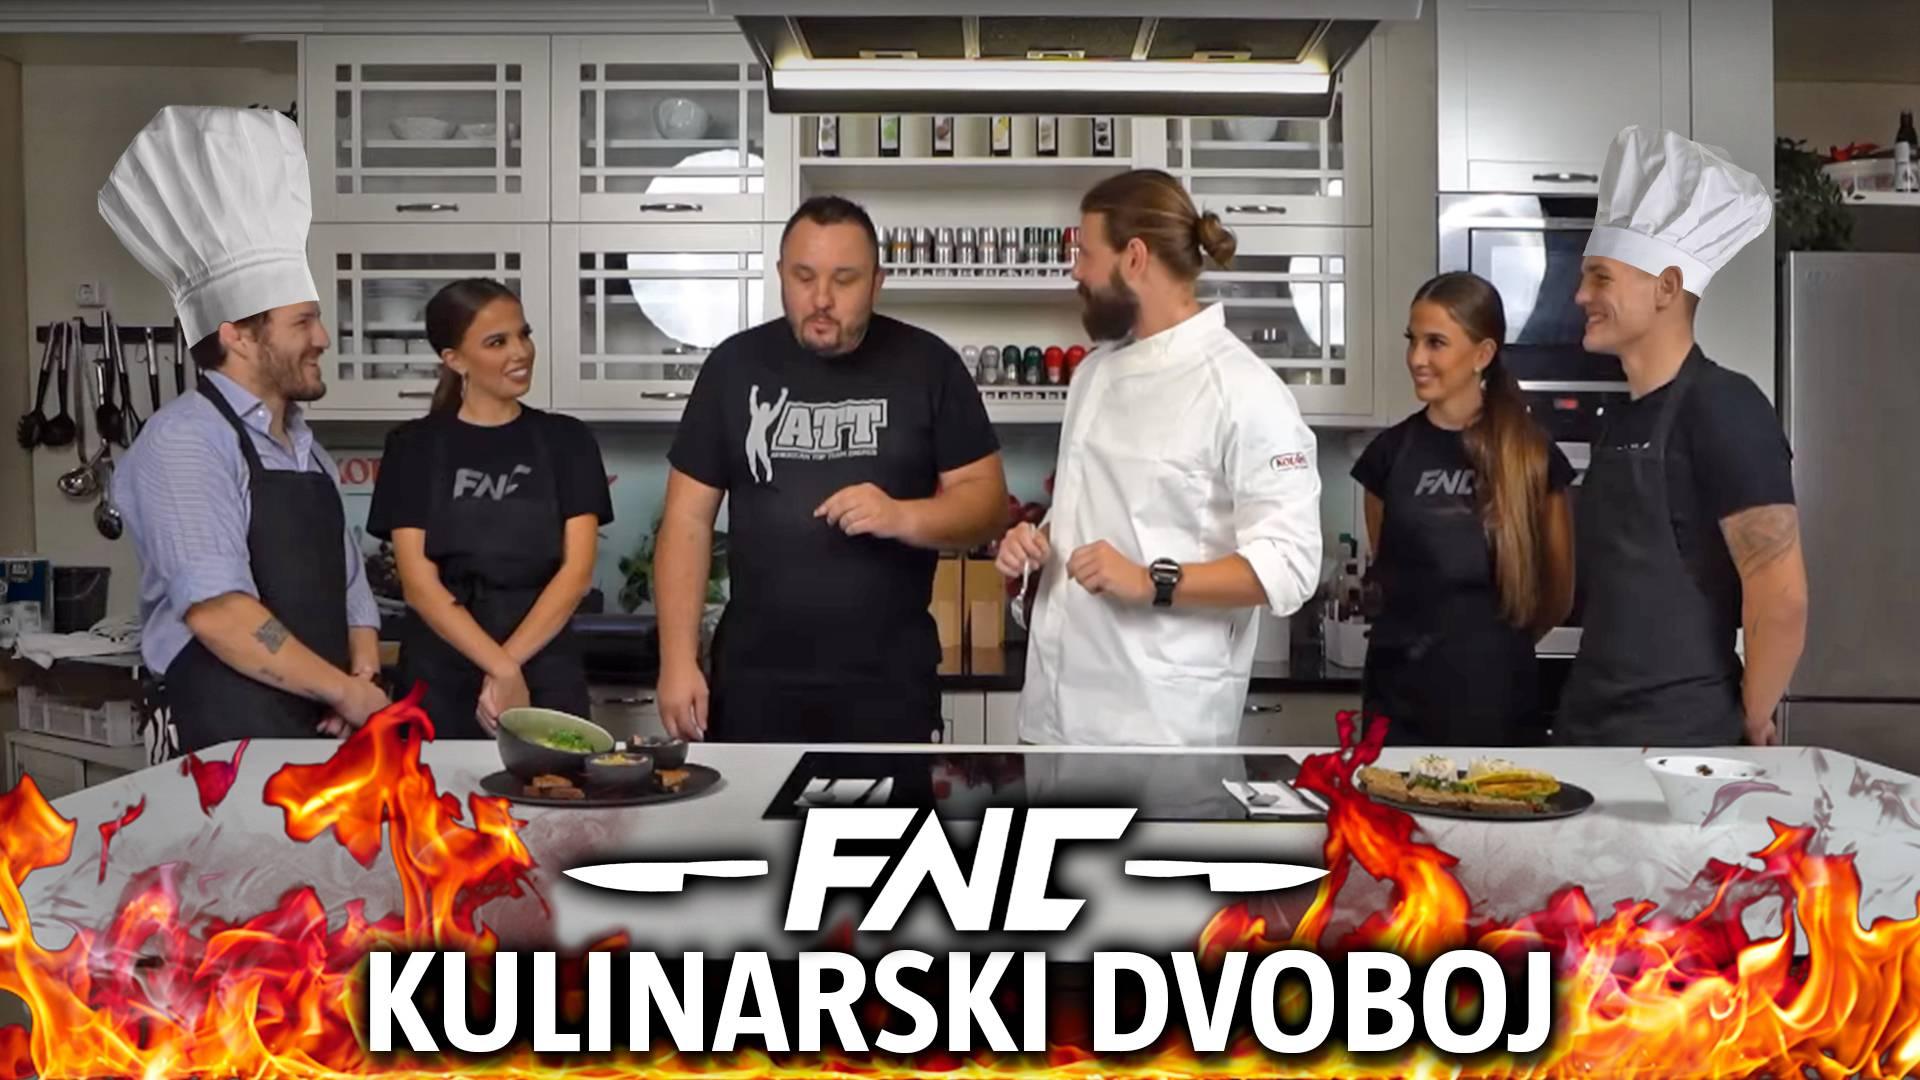 MMA dvoboj  u kuhinji! Croata i Patrik Čelić zajedno s curama iz ringa spremali  zdravi obrok...